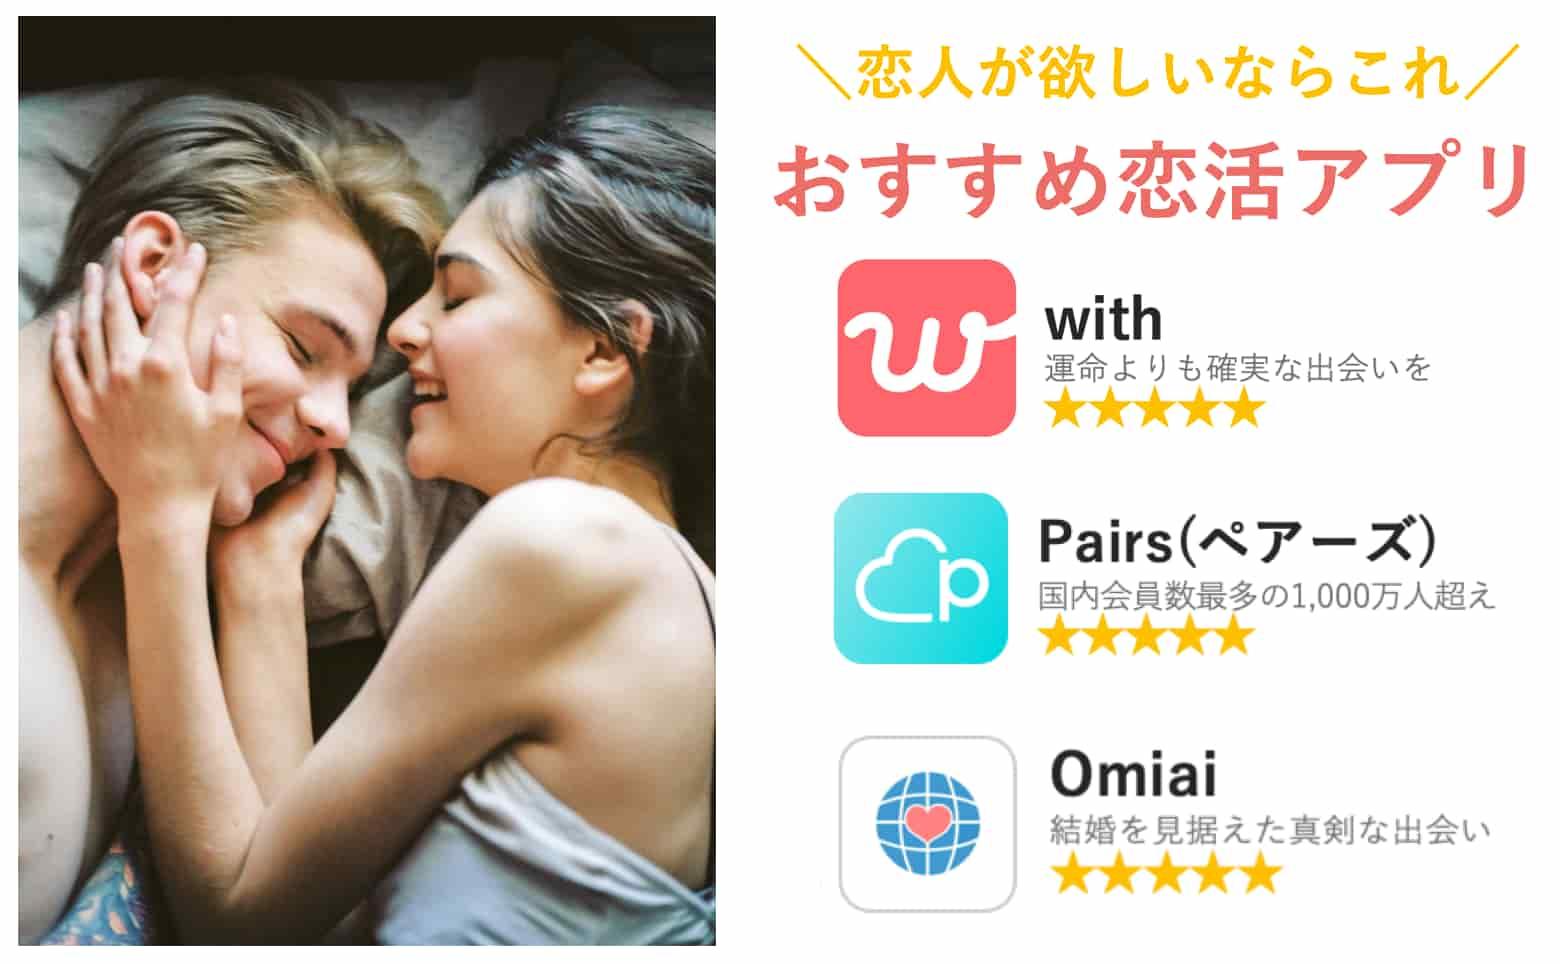 【恋人がほしい人必見】おすすめ恋活アプリTOP3を徹底解説!アイキャッチ